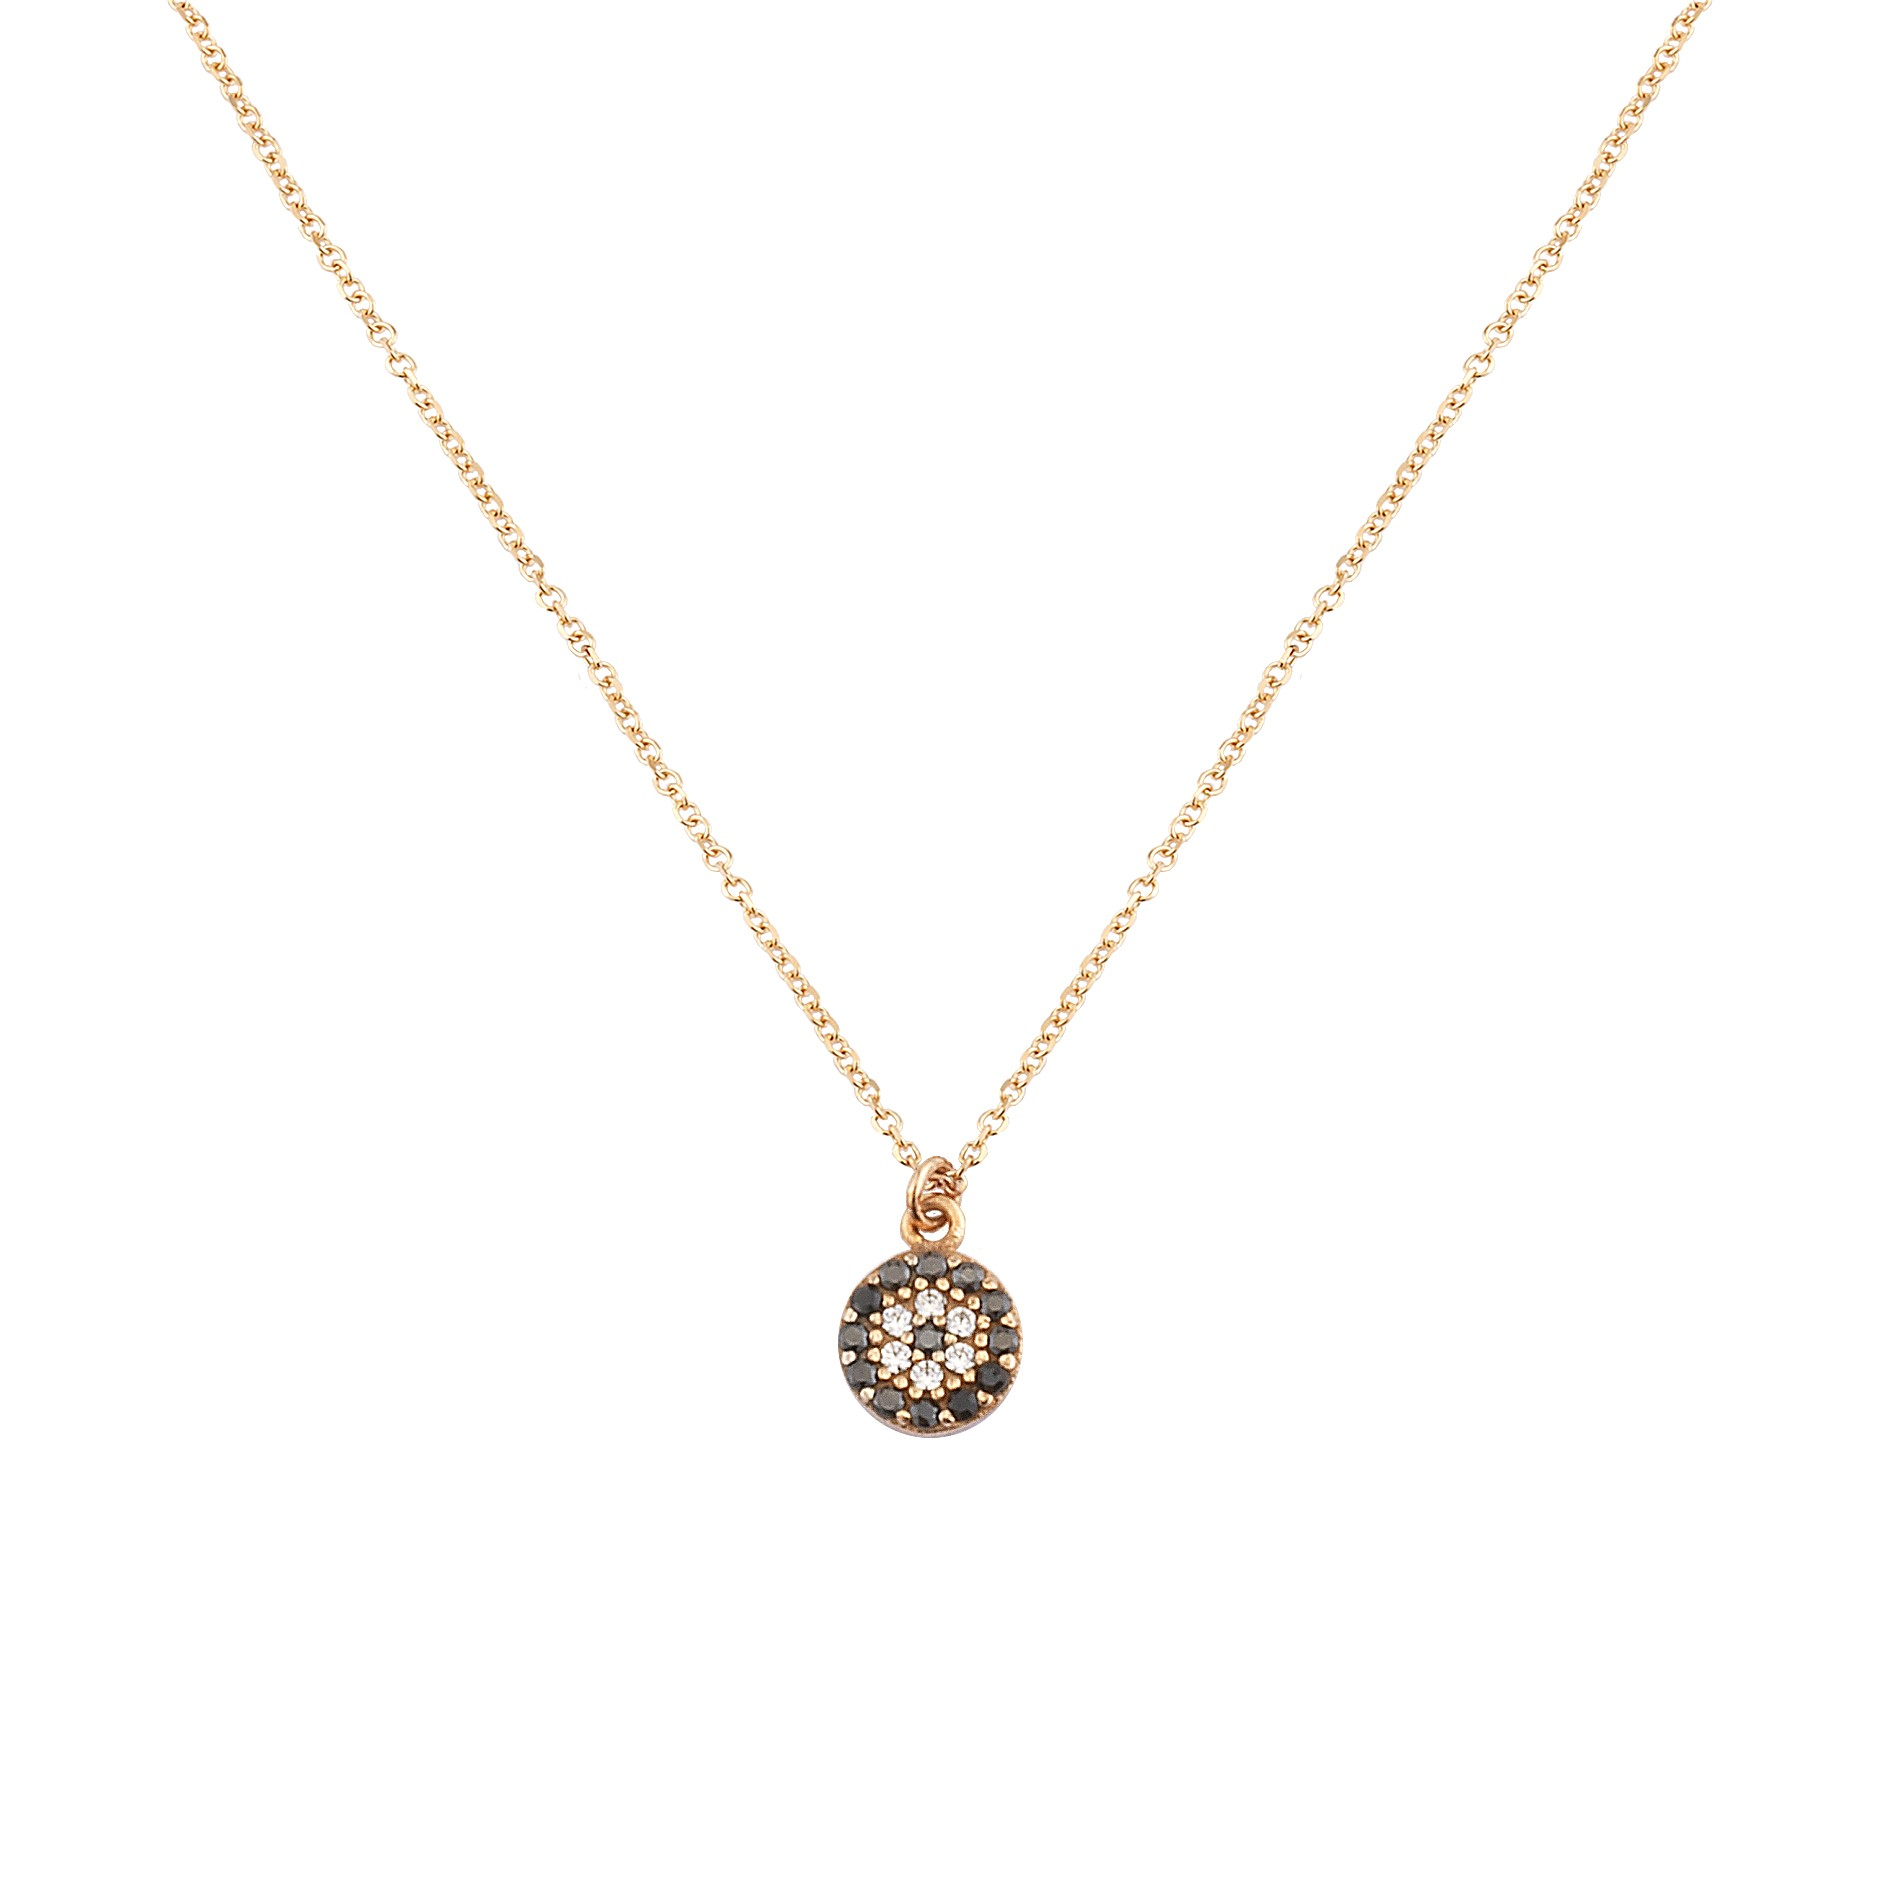 Κολιέ με Ζιργκόν Ροζ Χρυσός Κ9 - 10373